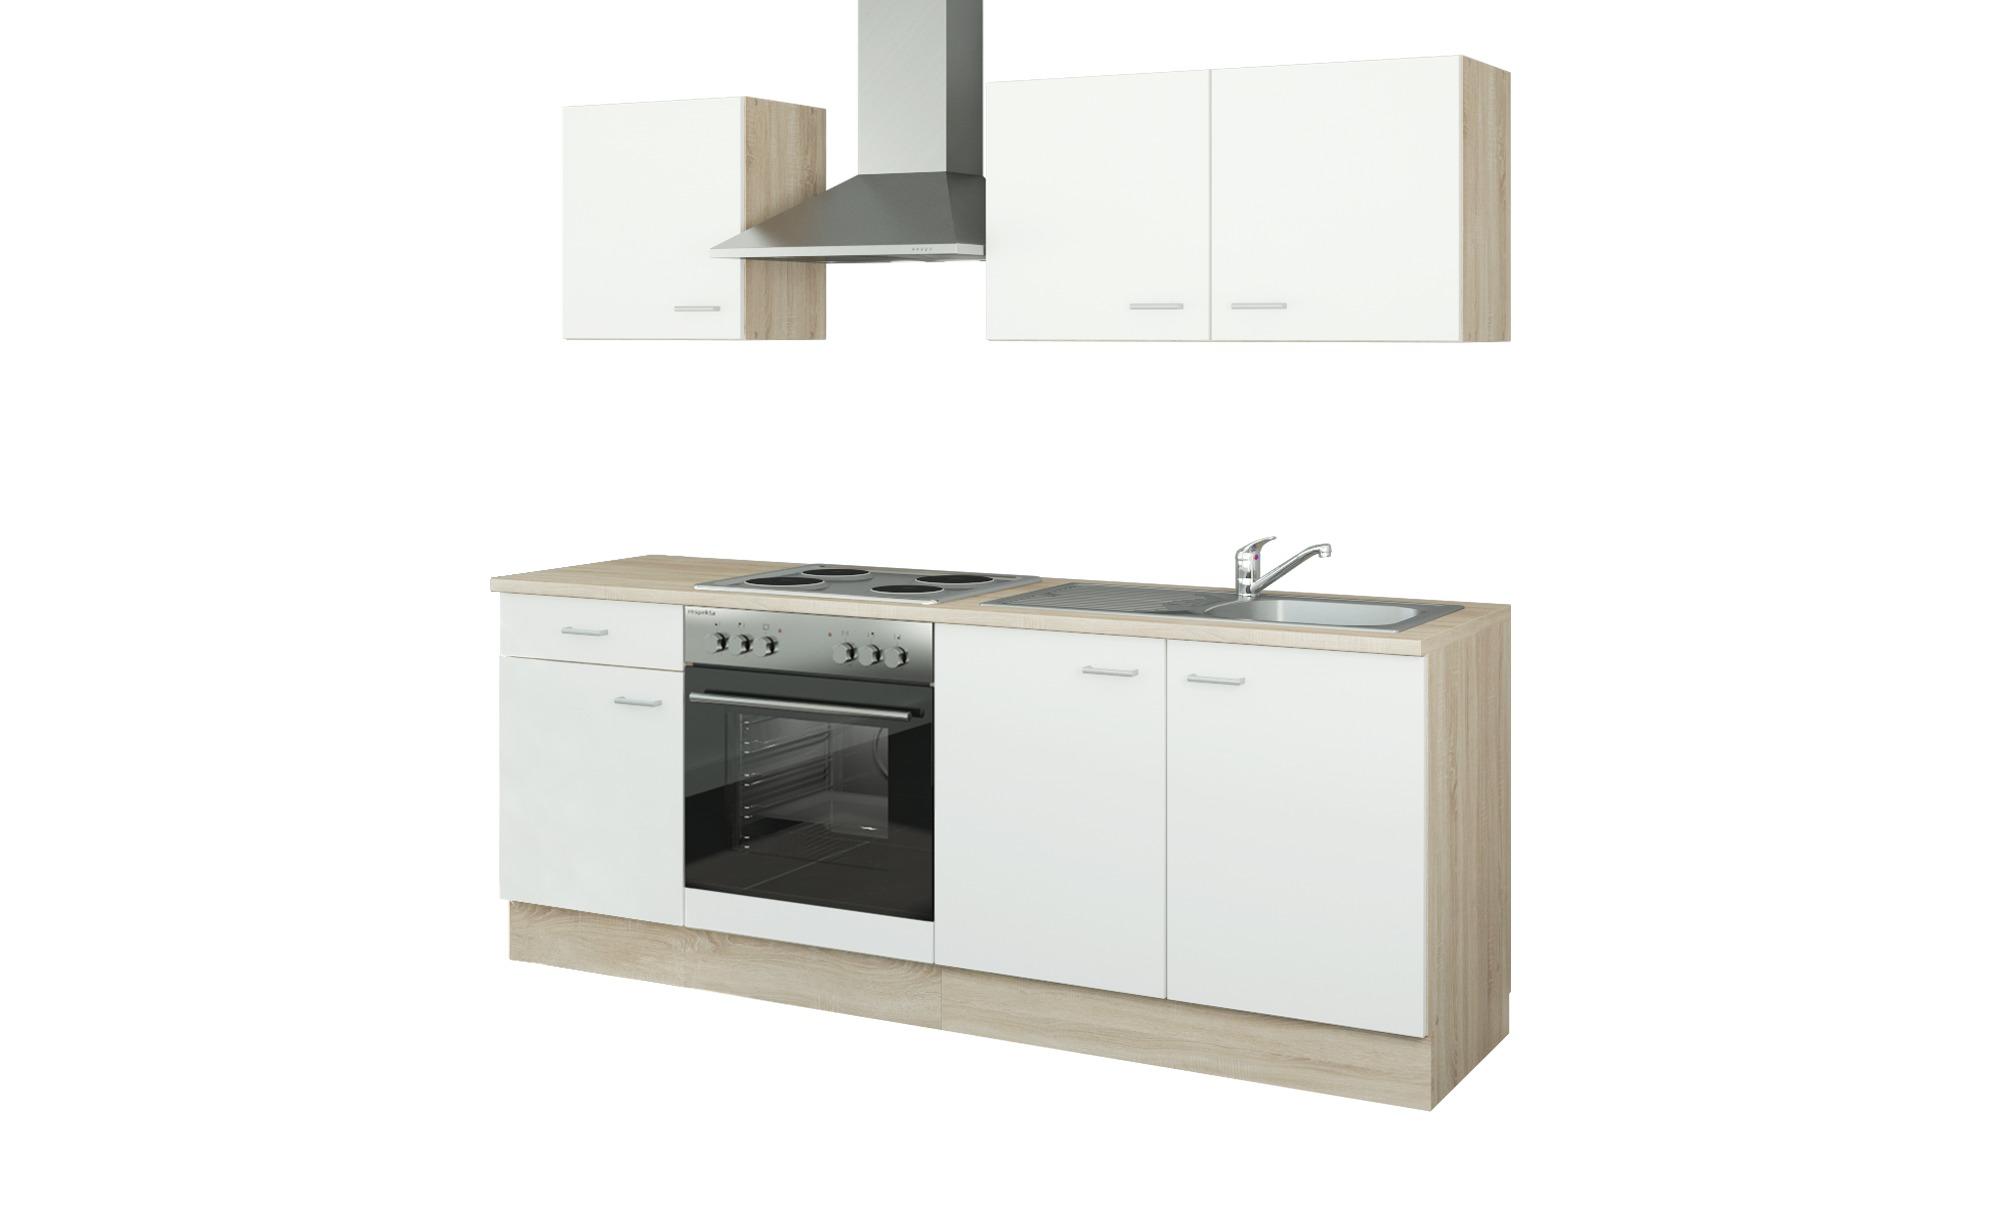 uno Küchenzeile mit Elektrogeräten  Halle ¦ weiß ¦ Maße (cm): B: 210 Küchen > Küchenblöcke mit E-Geräten - Höffner